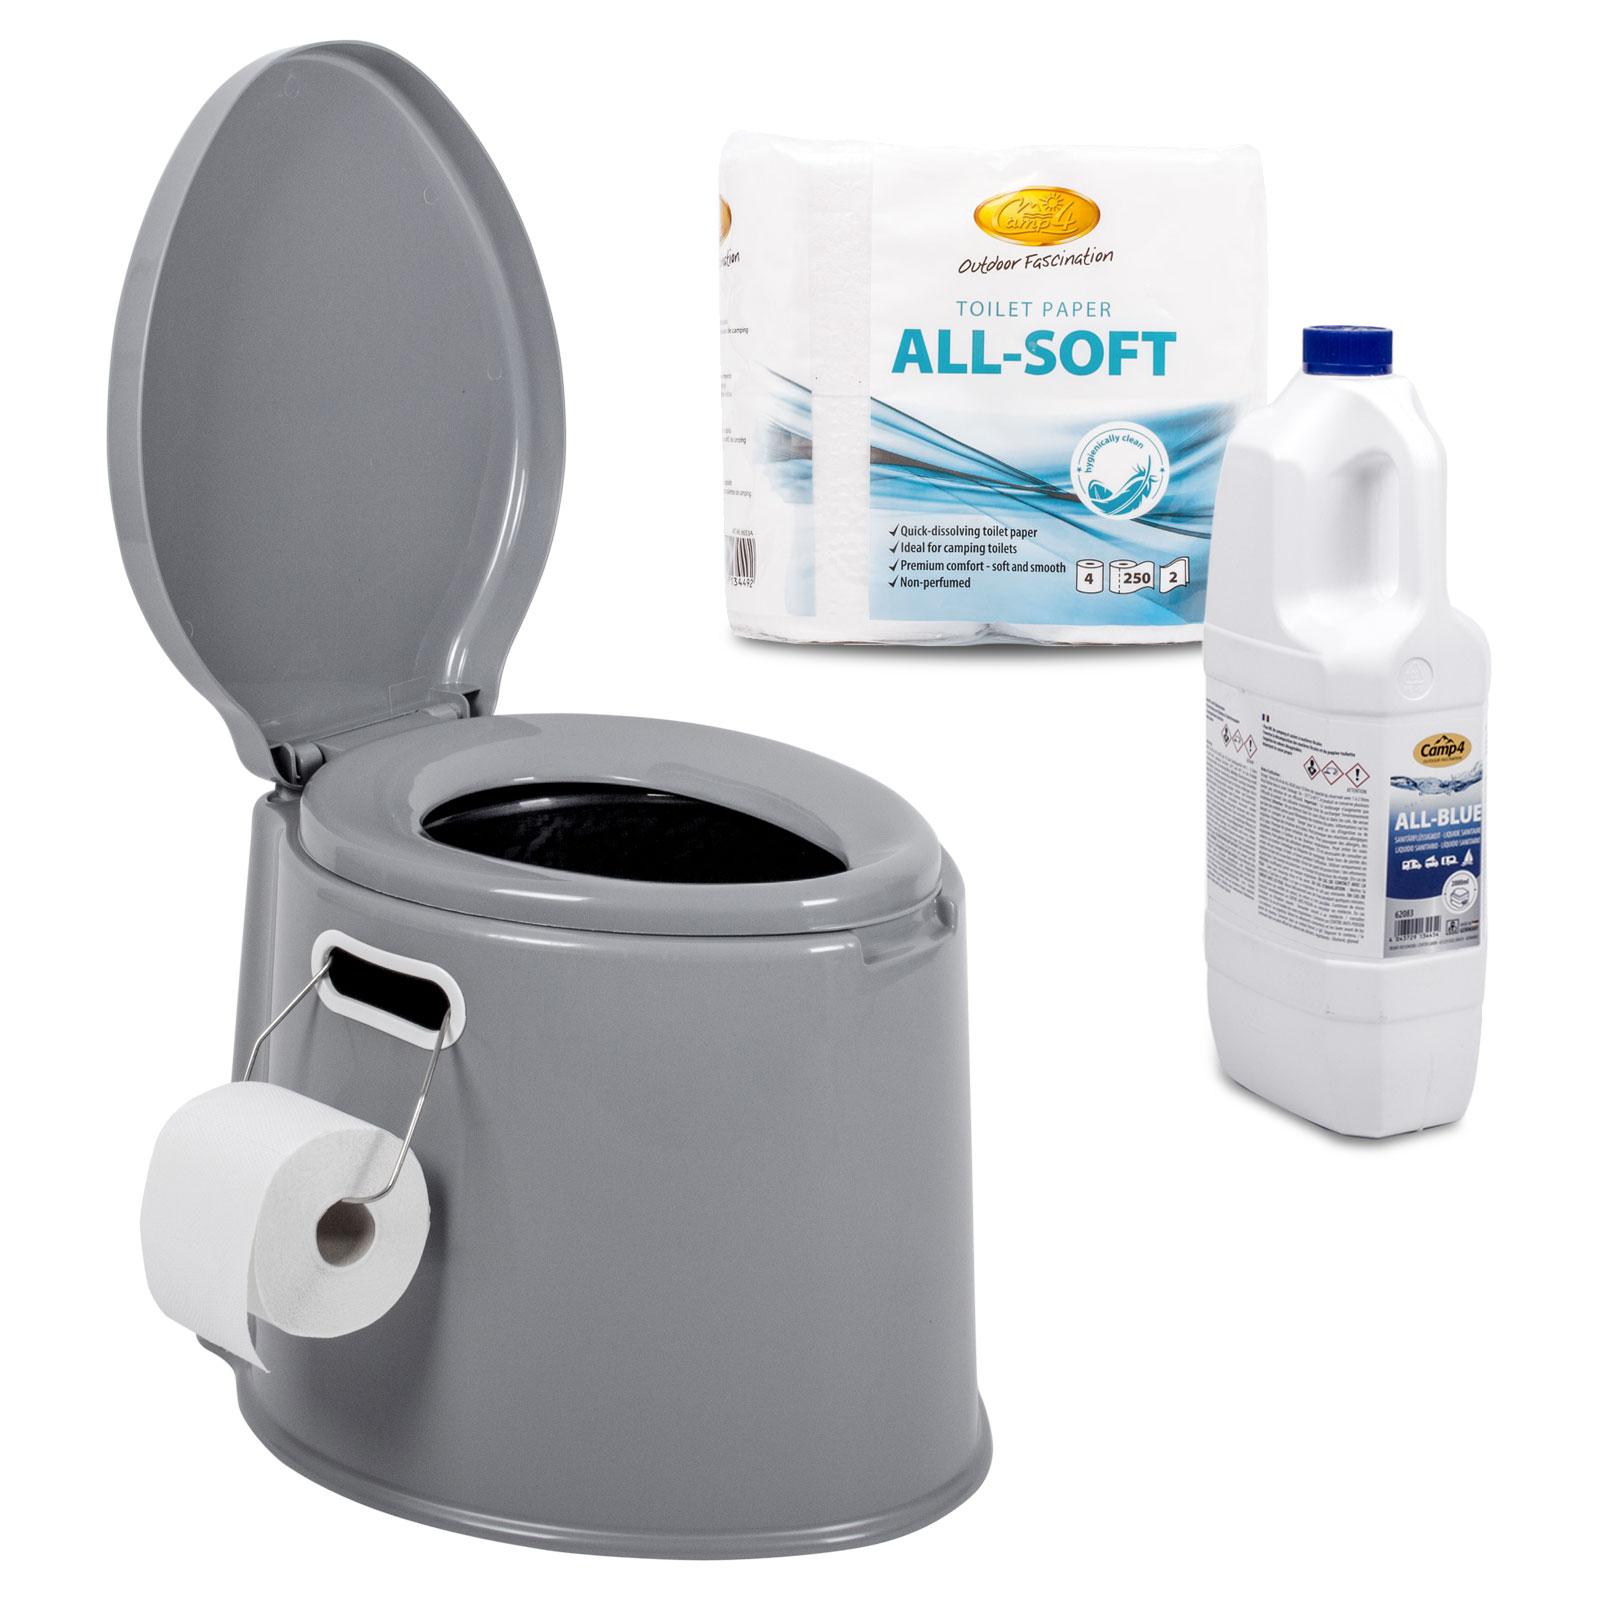 Tragbare Campingtoilette + Camp4 Toilettenpapier, Toilettenflüssigkeit